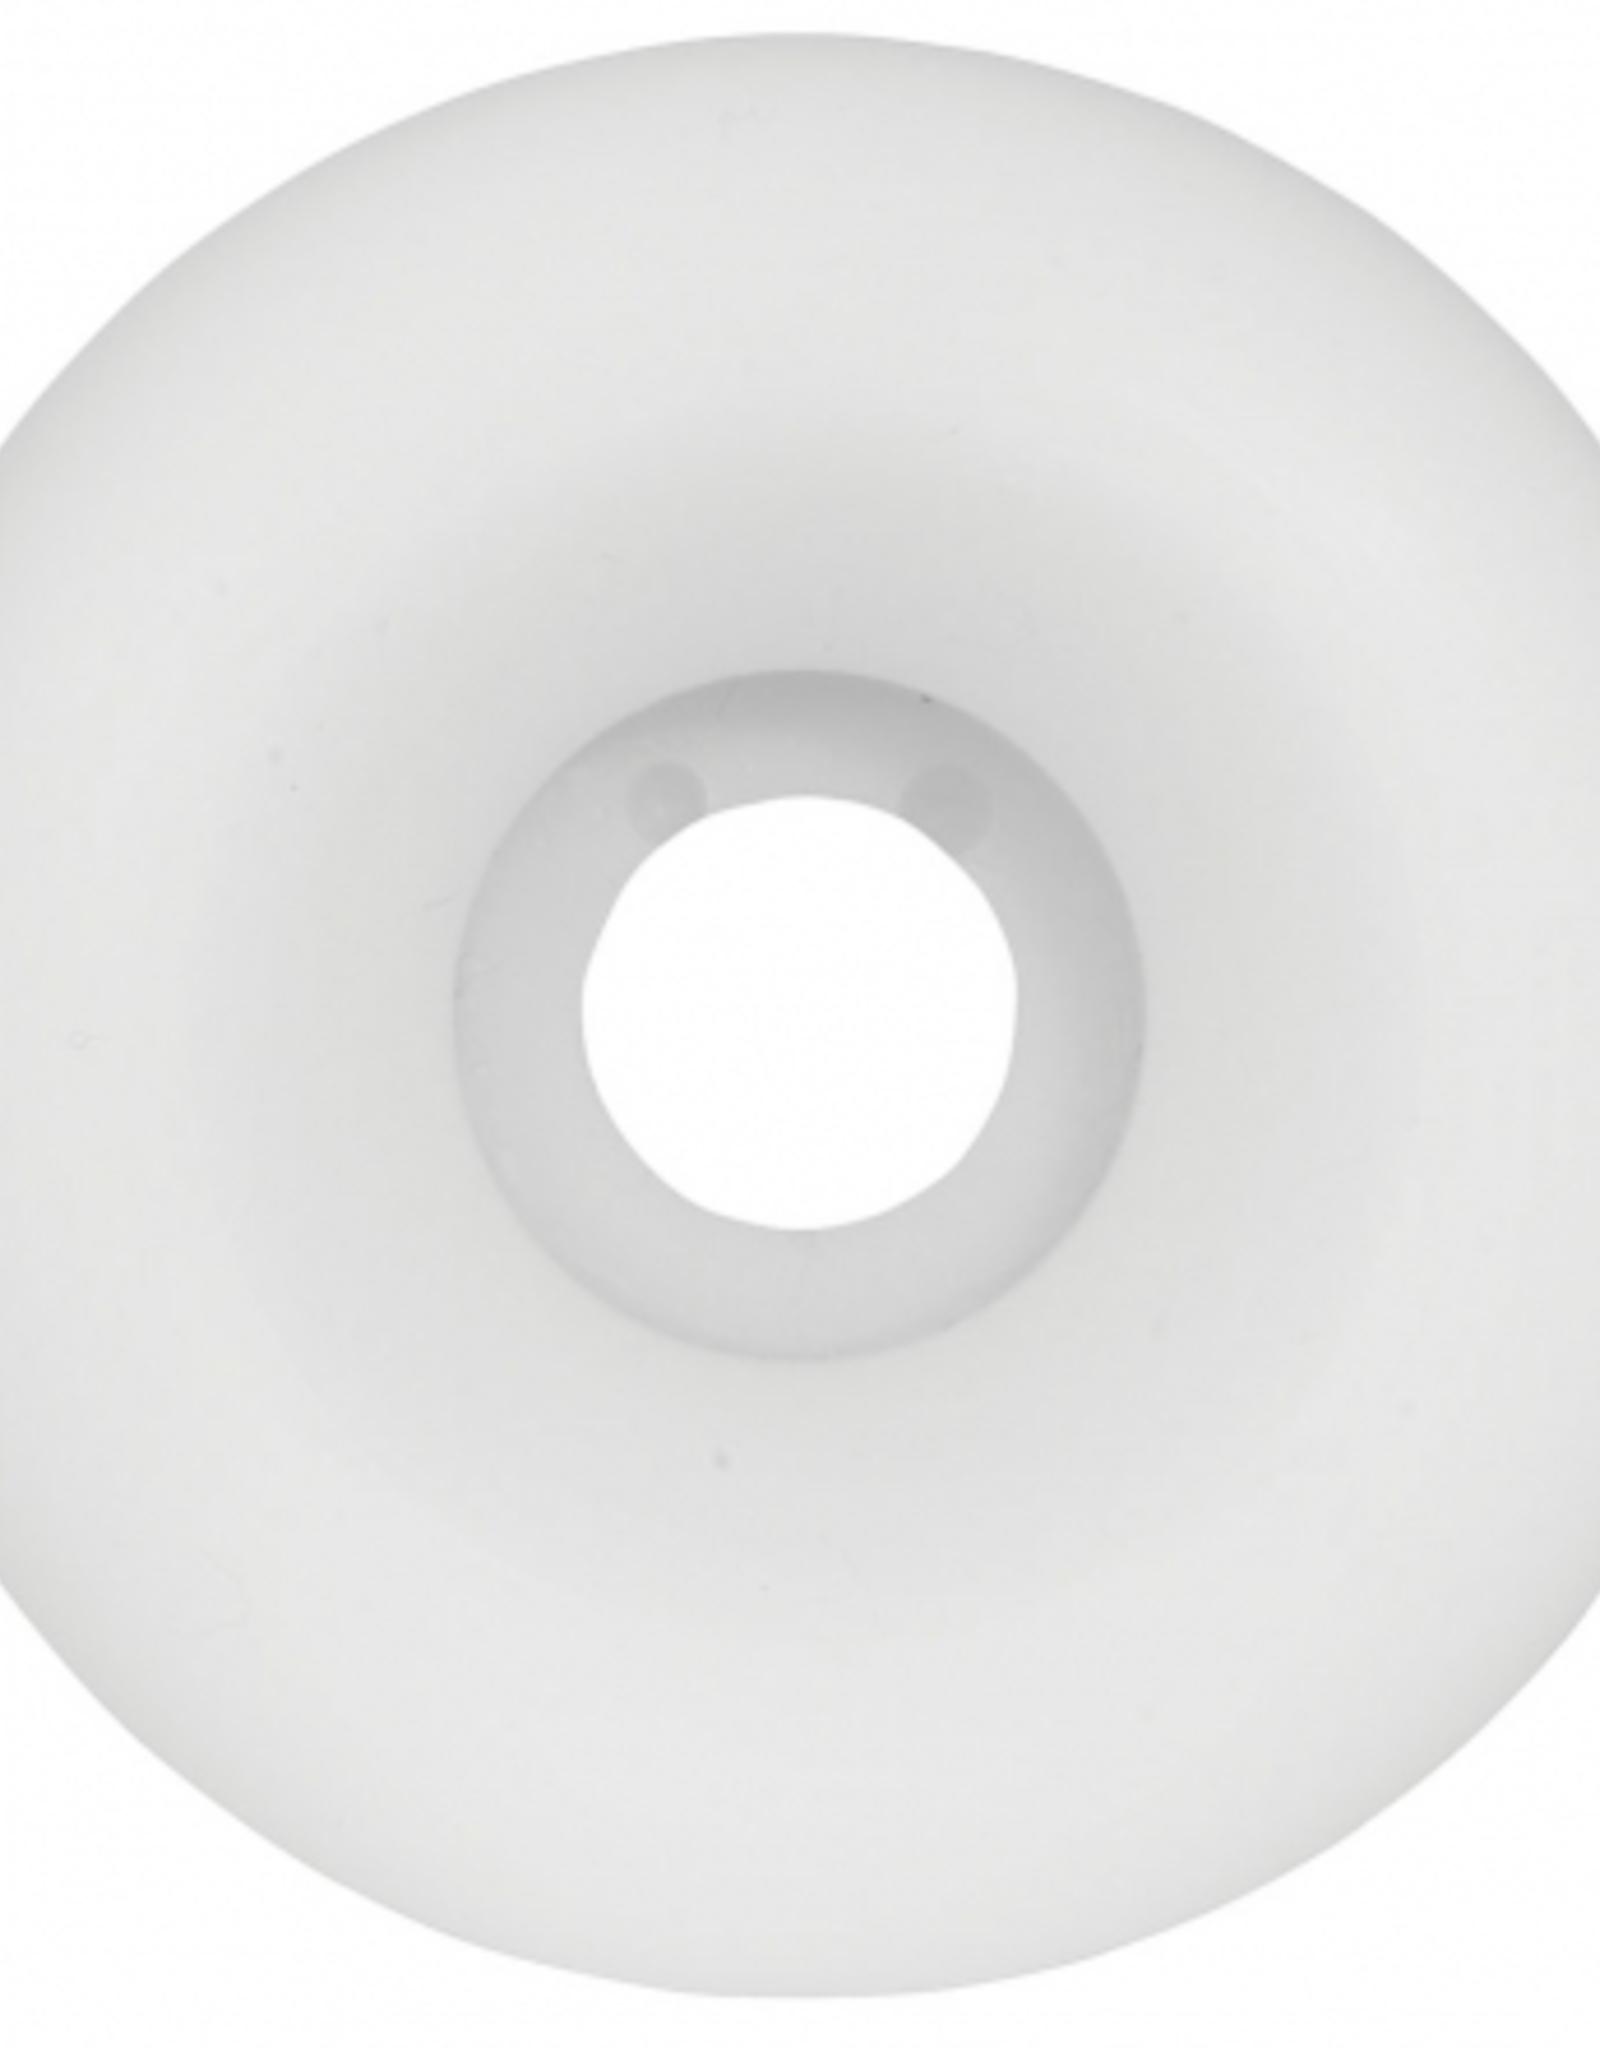 OJ WHEELS 60mm OJ II Original White Combo 95a OJ Skateboard Wheels